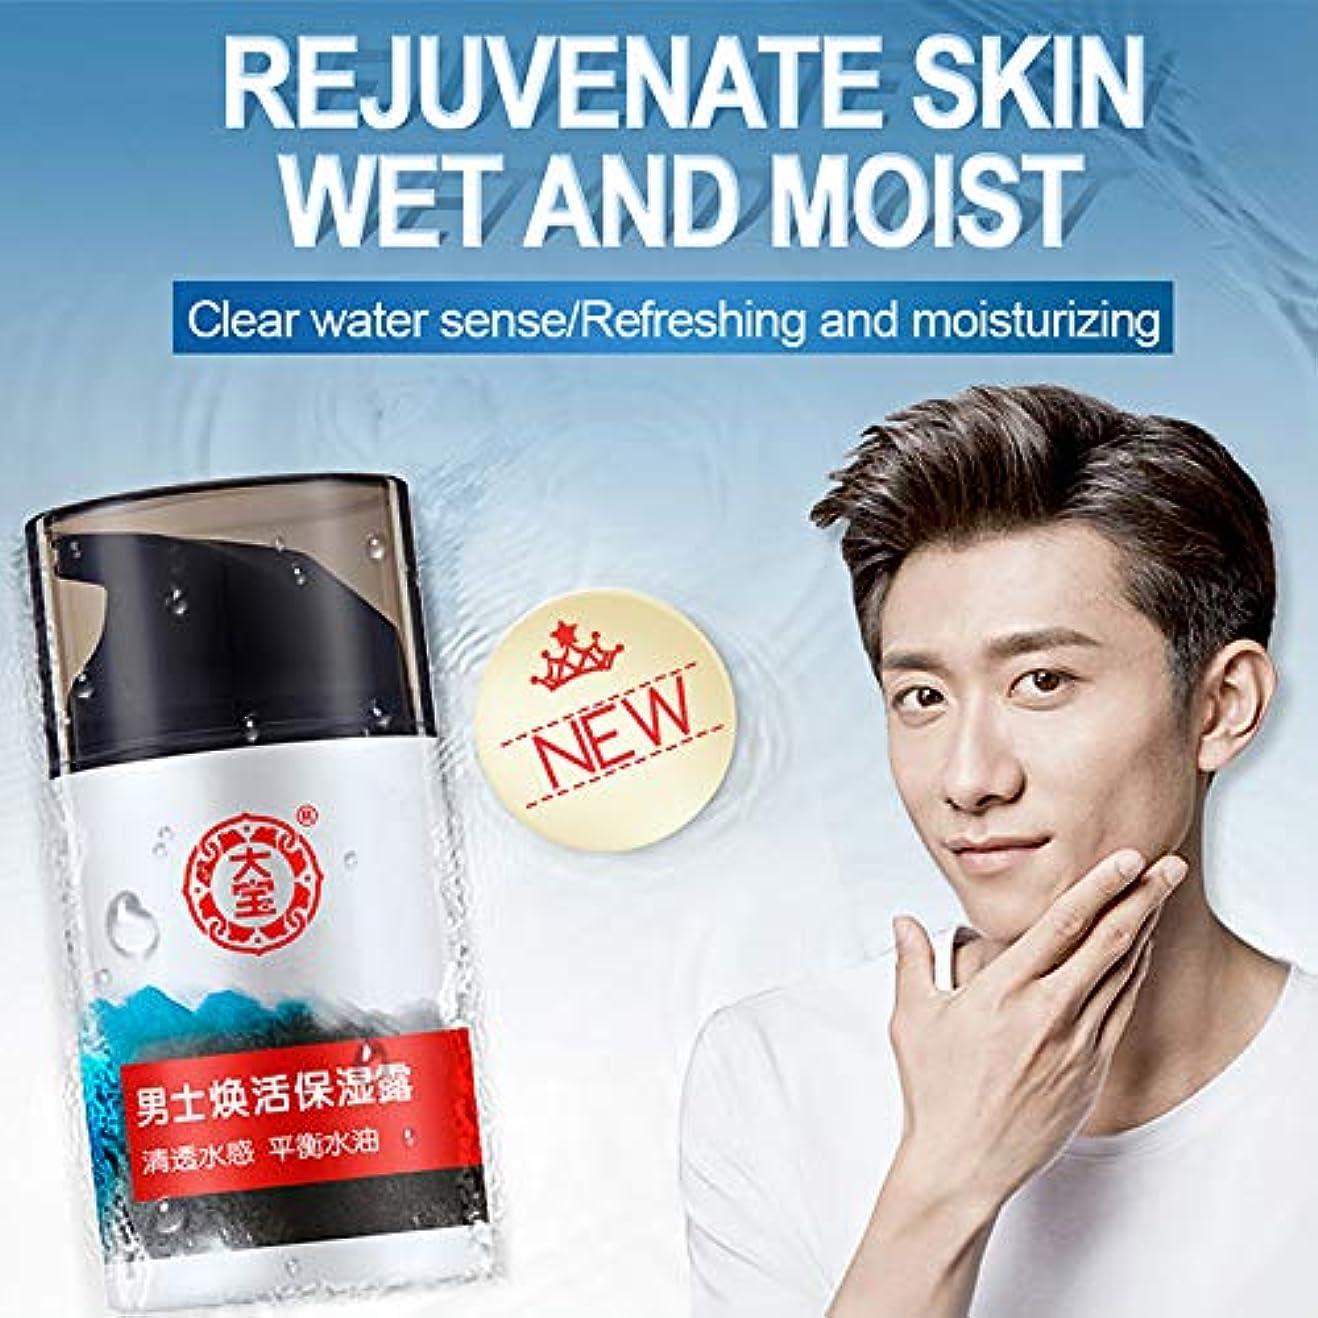 一定なめらかな組み込む強力な効果的な顔の栄養クリームを修正大宝男性リバイタライジングモイスチャライジングローション保湿ダメージ